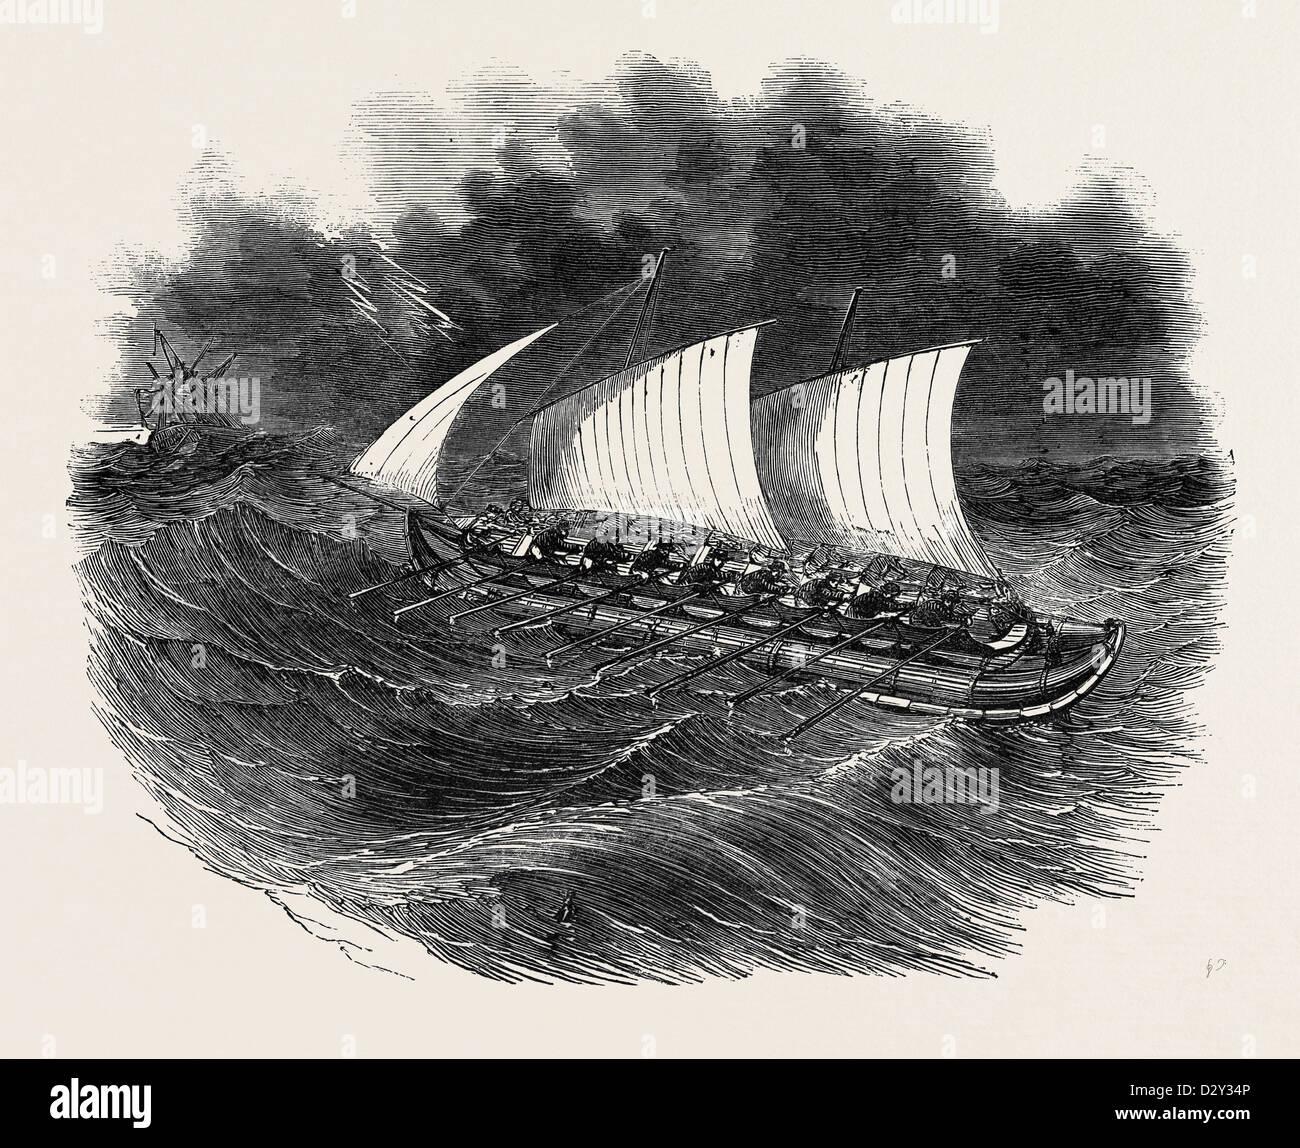 RICHARDSON'S PATENT TUBULAR LIFEBOAT, 1852 - Stock Image